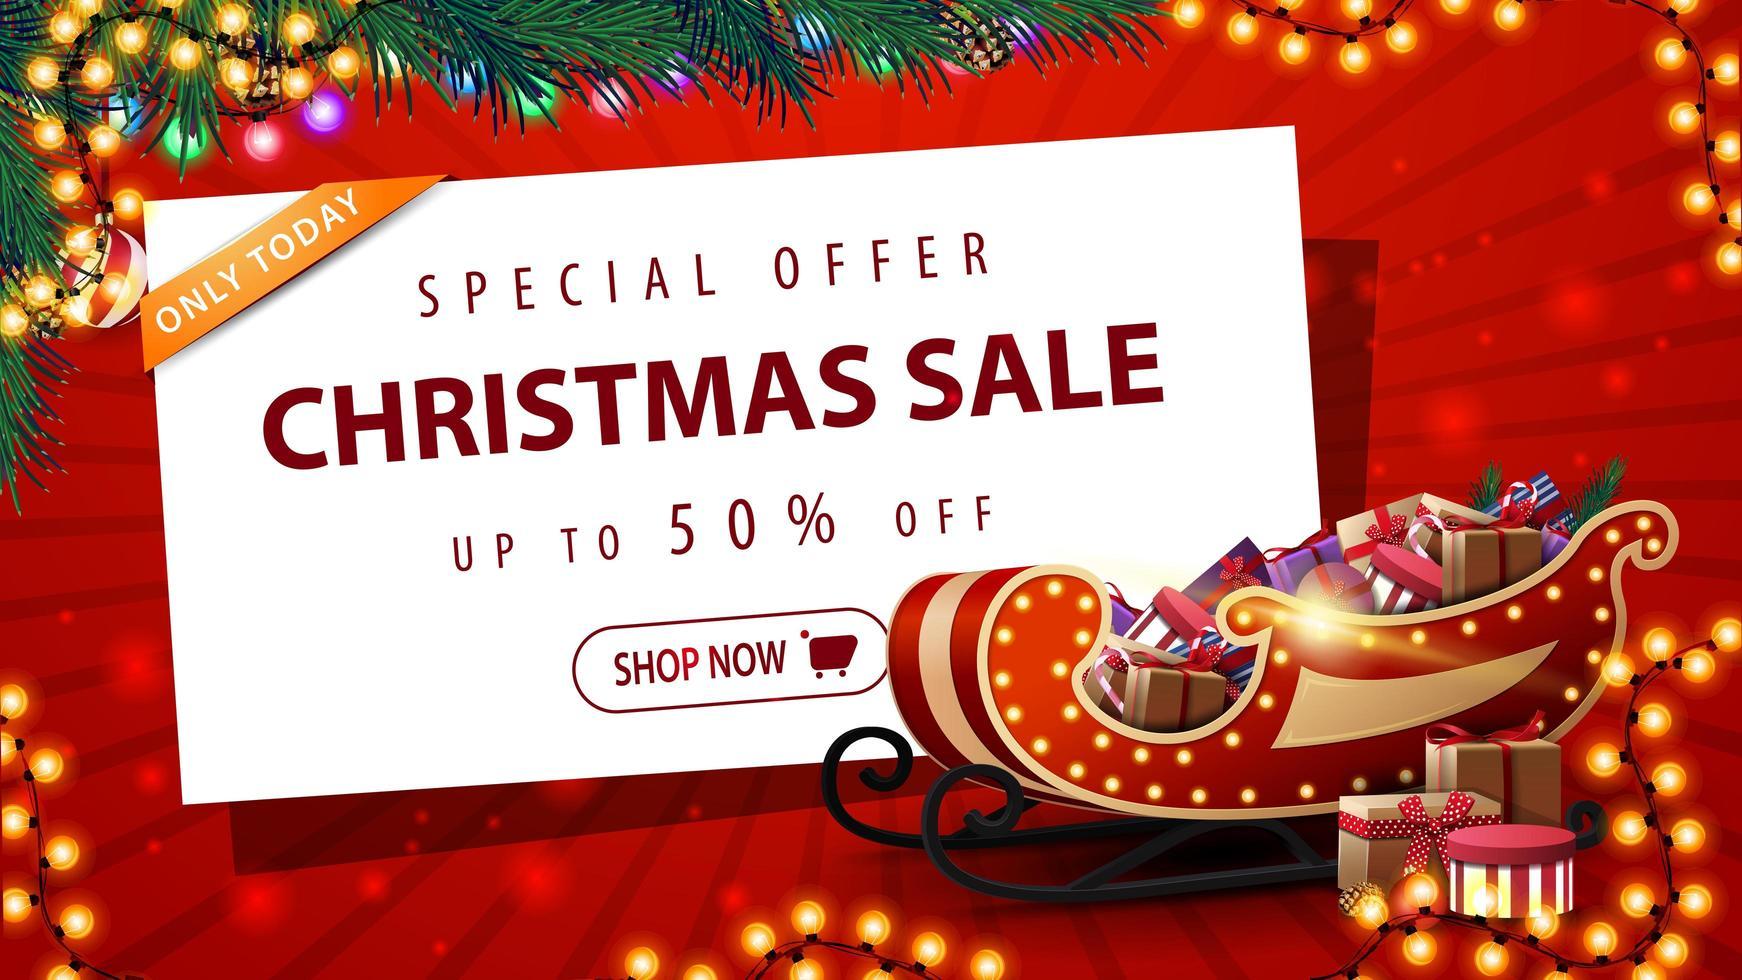 oferta especial, liquidação de natal, até 50 de desconto, lindo banner vermelho de desconto com guirlanda, árvore de natal, folha de papel branco com oferta e trenó de Papai Noel com presentes vetor